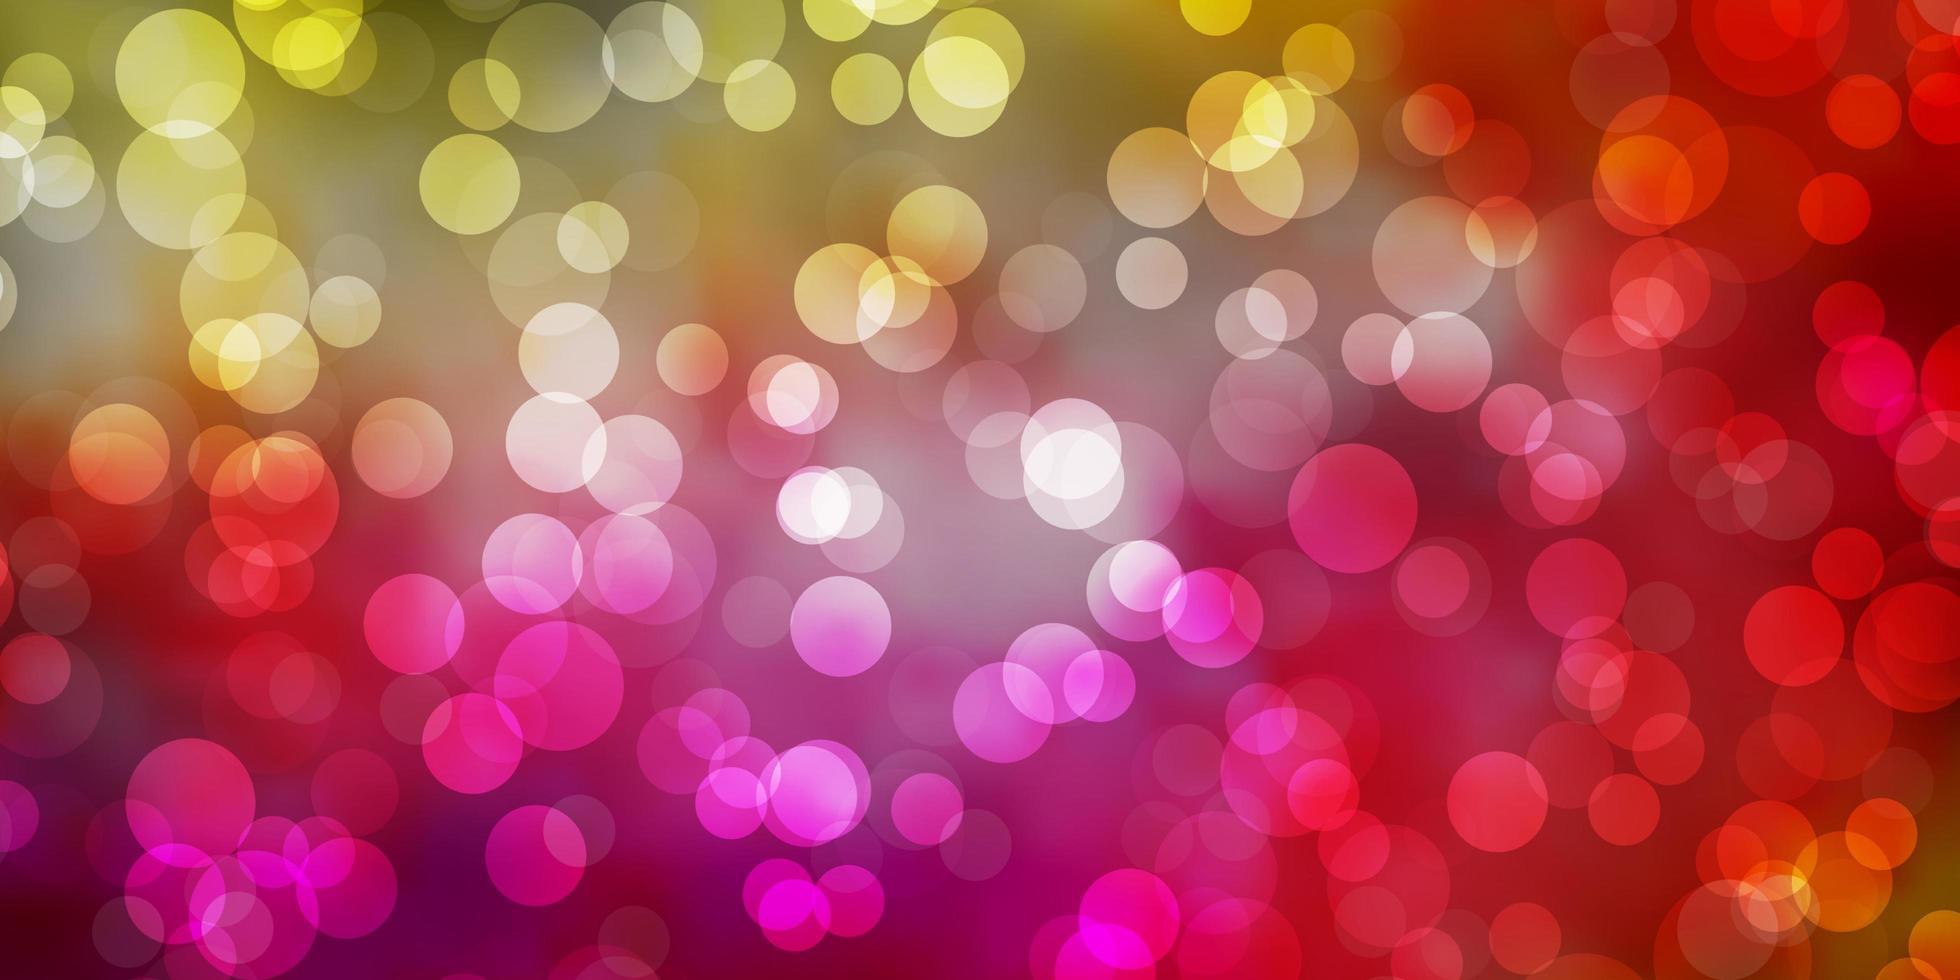 toile de fond de vecteur rose clair, jaune avec des cercles.